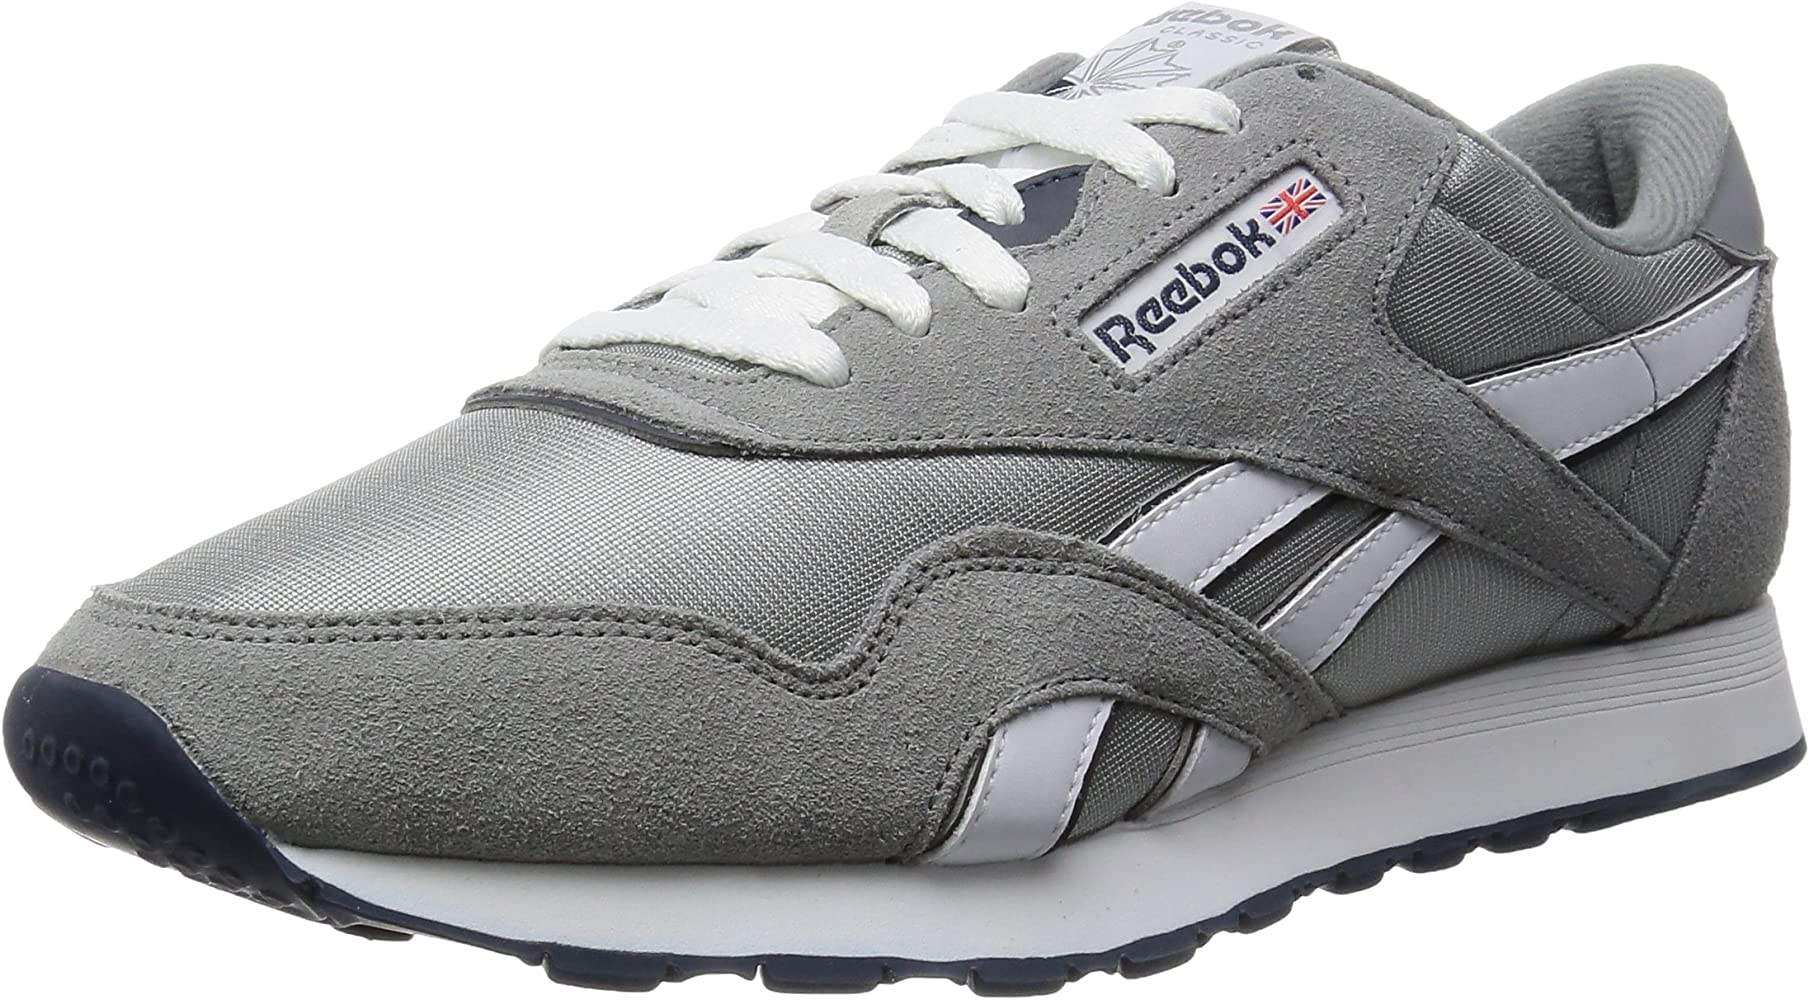 Reebok CL Nylon Zapatillas de running, Niños, Grigio (Grau (Platinum/Jet Blue)), 35: Reebok: Amazon.es: Zapatos y complementos